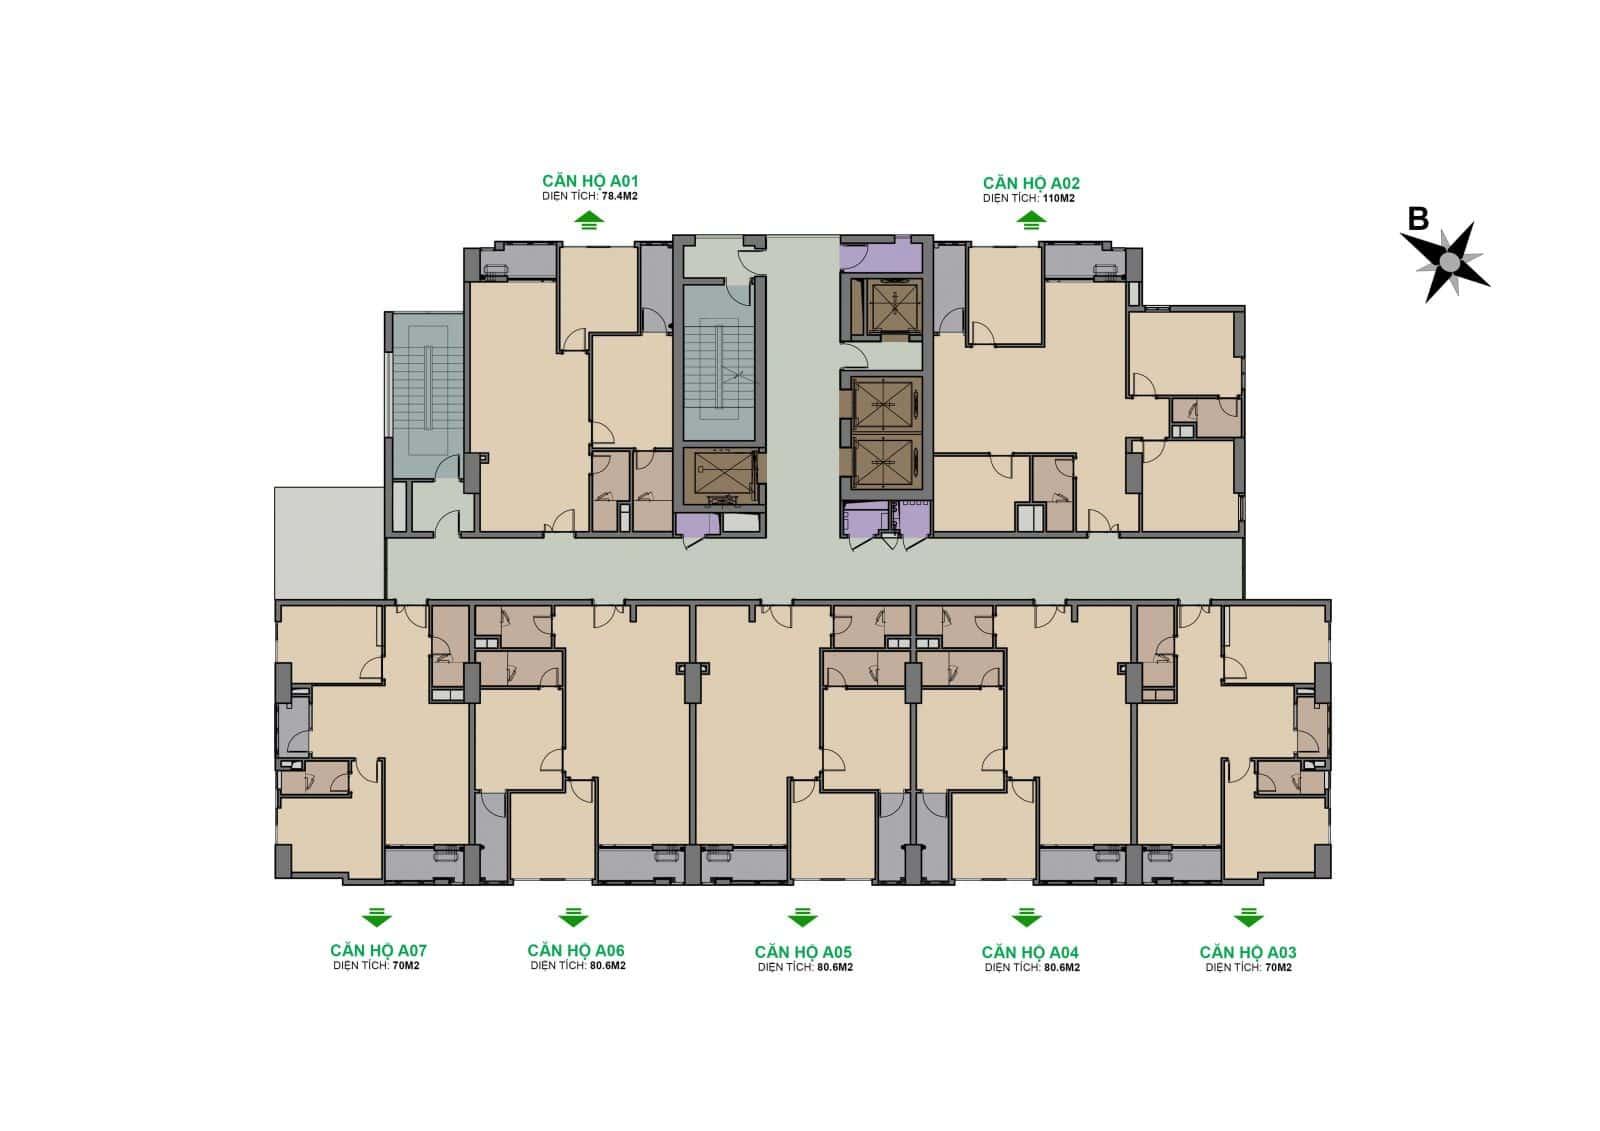 Dự án The Garden Hill 99 Trần Bình mặt bằng tầng 7-25